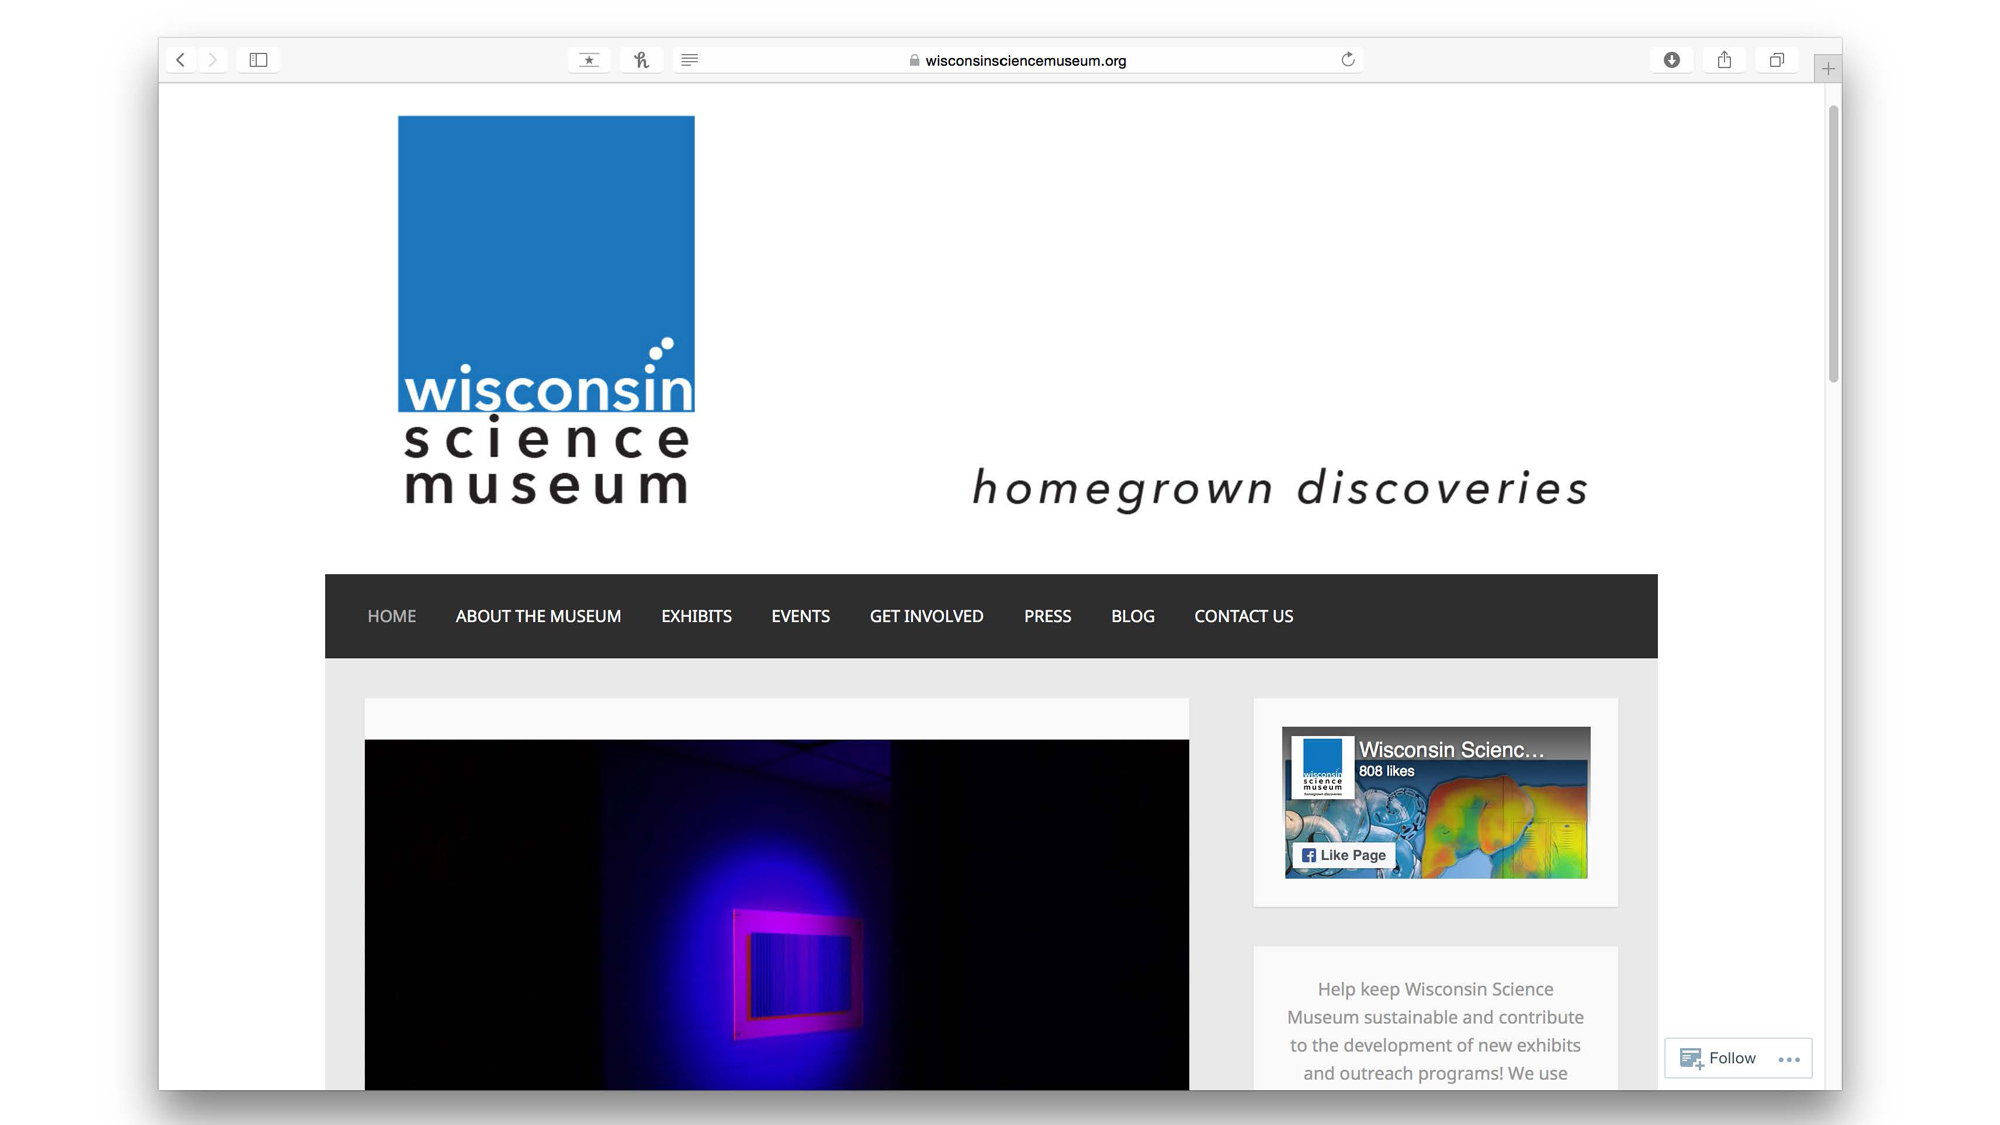 Wisconsin Science Museum